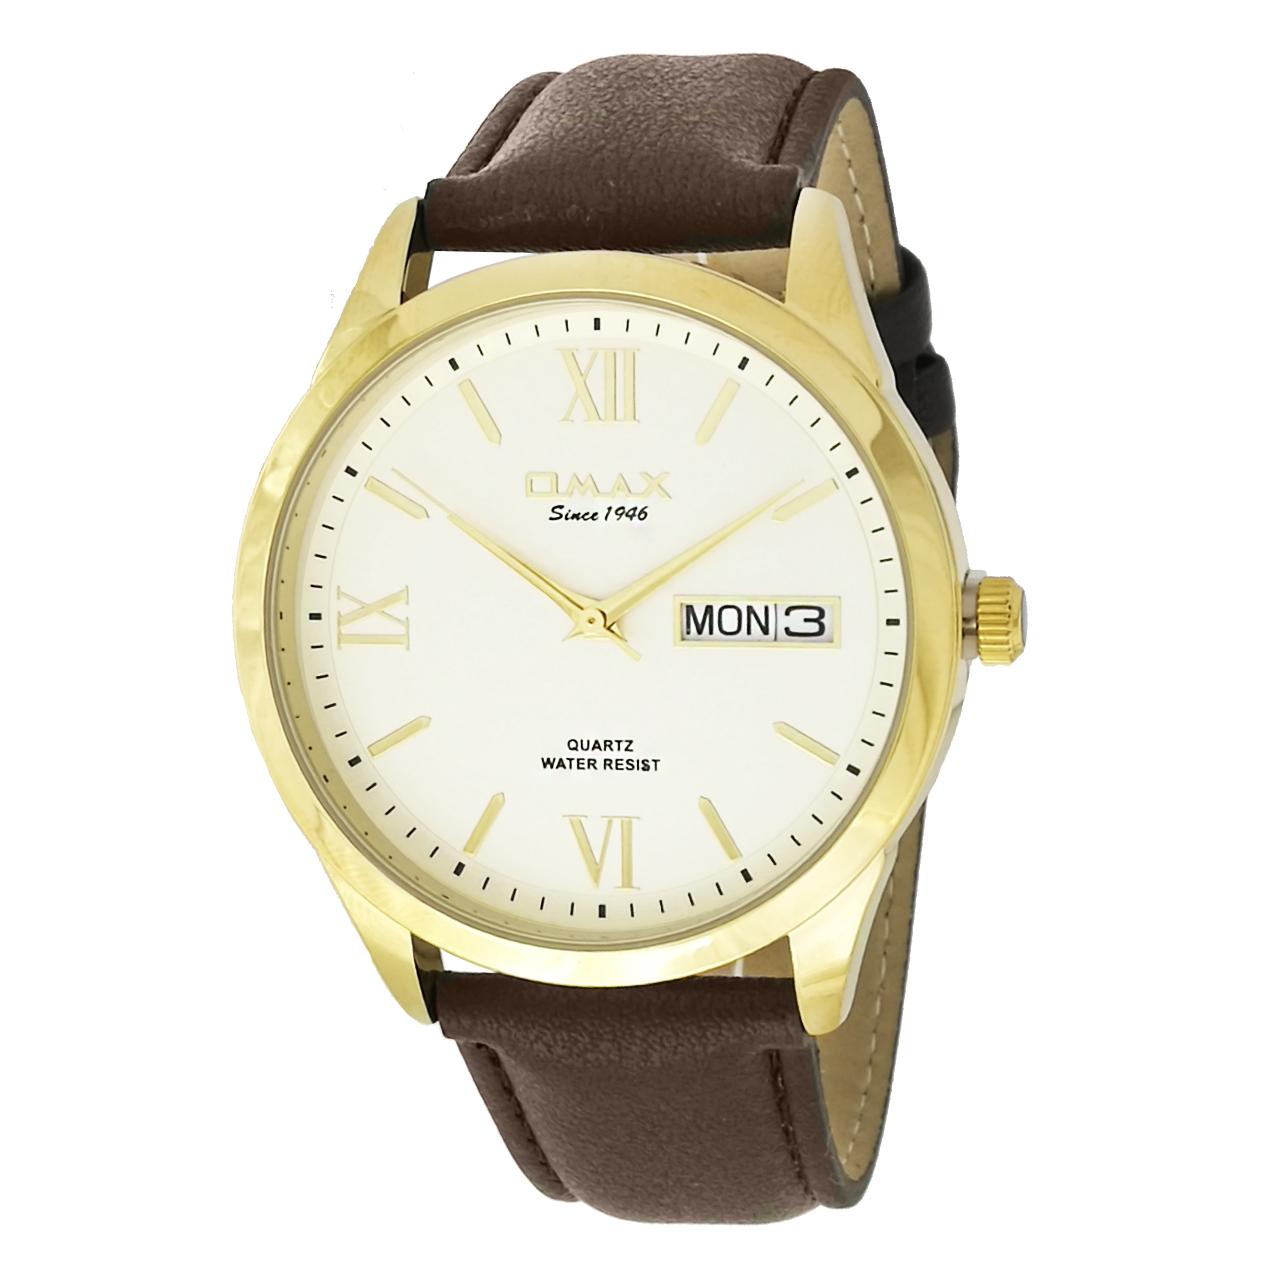 ساعت مچی عقربه ای مردانه اوماکس مدلgd05g35 به همراه دستمال مخصوص برند کلین واچ 50